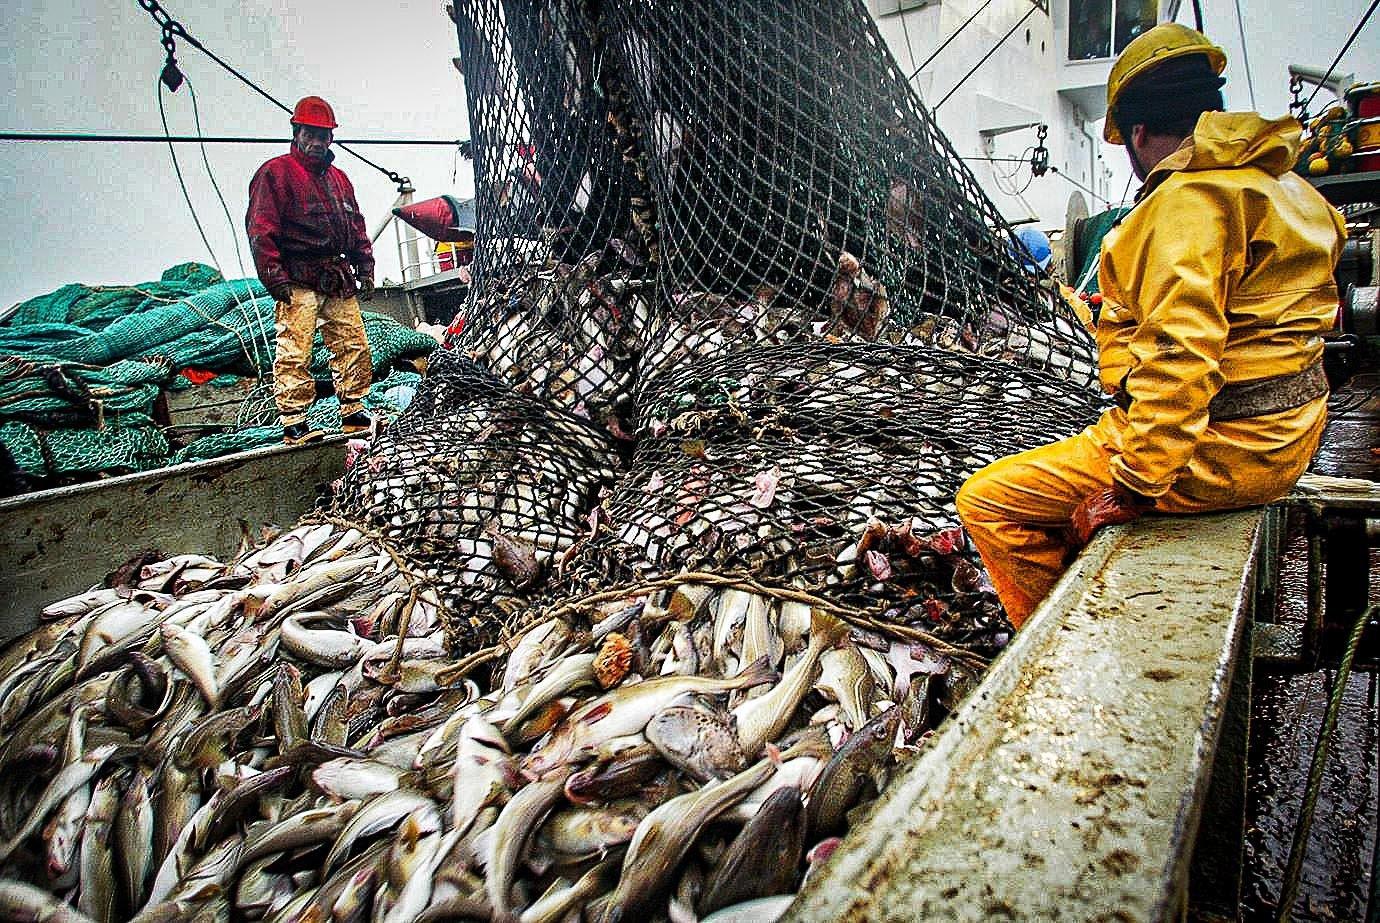 Acordo global para prevenir pesca predatória emperra na OMC | Exame